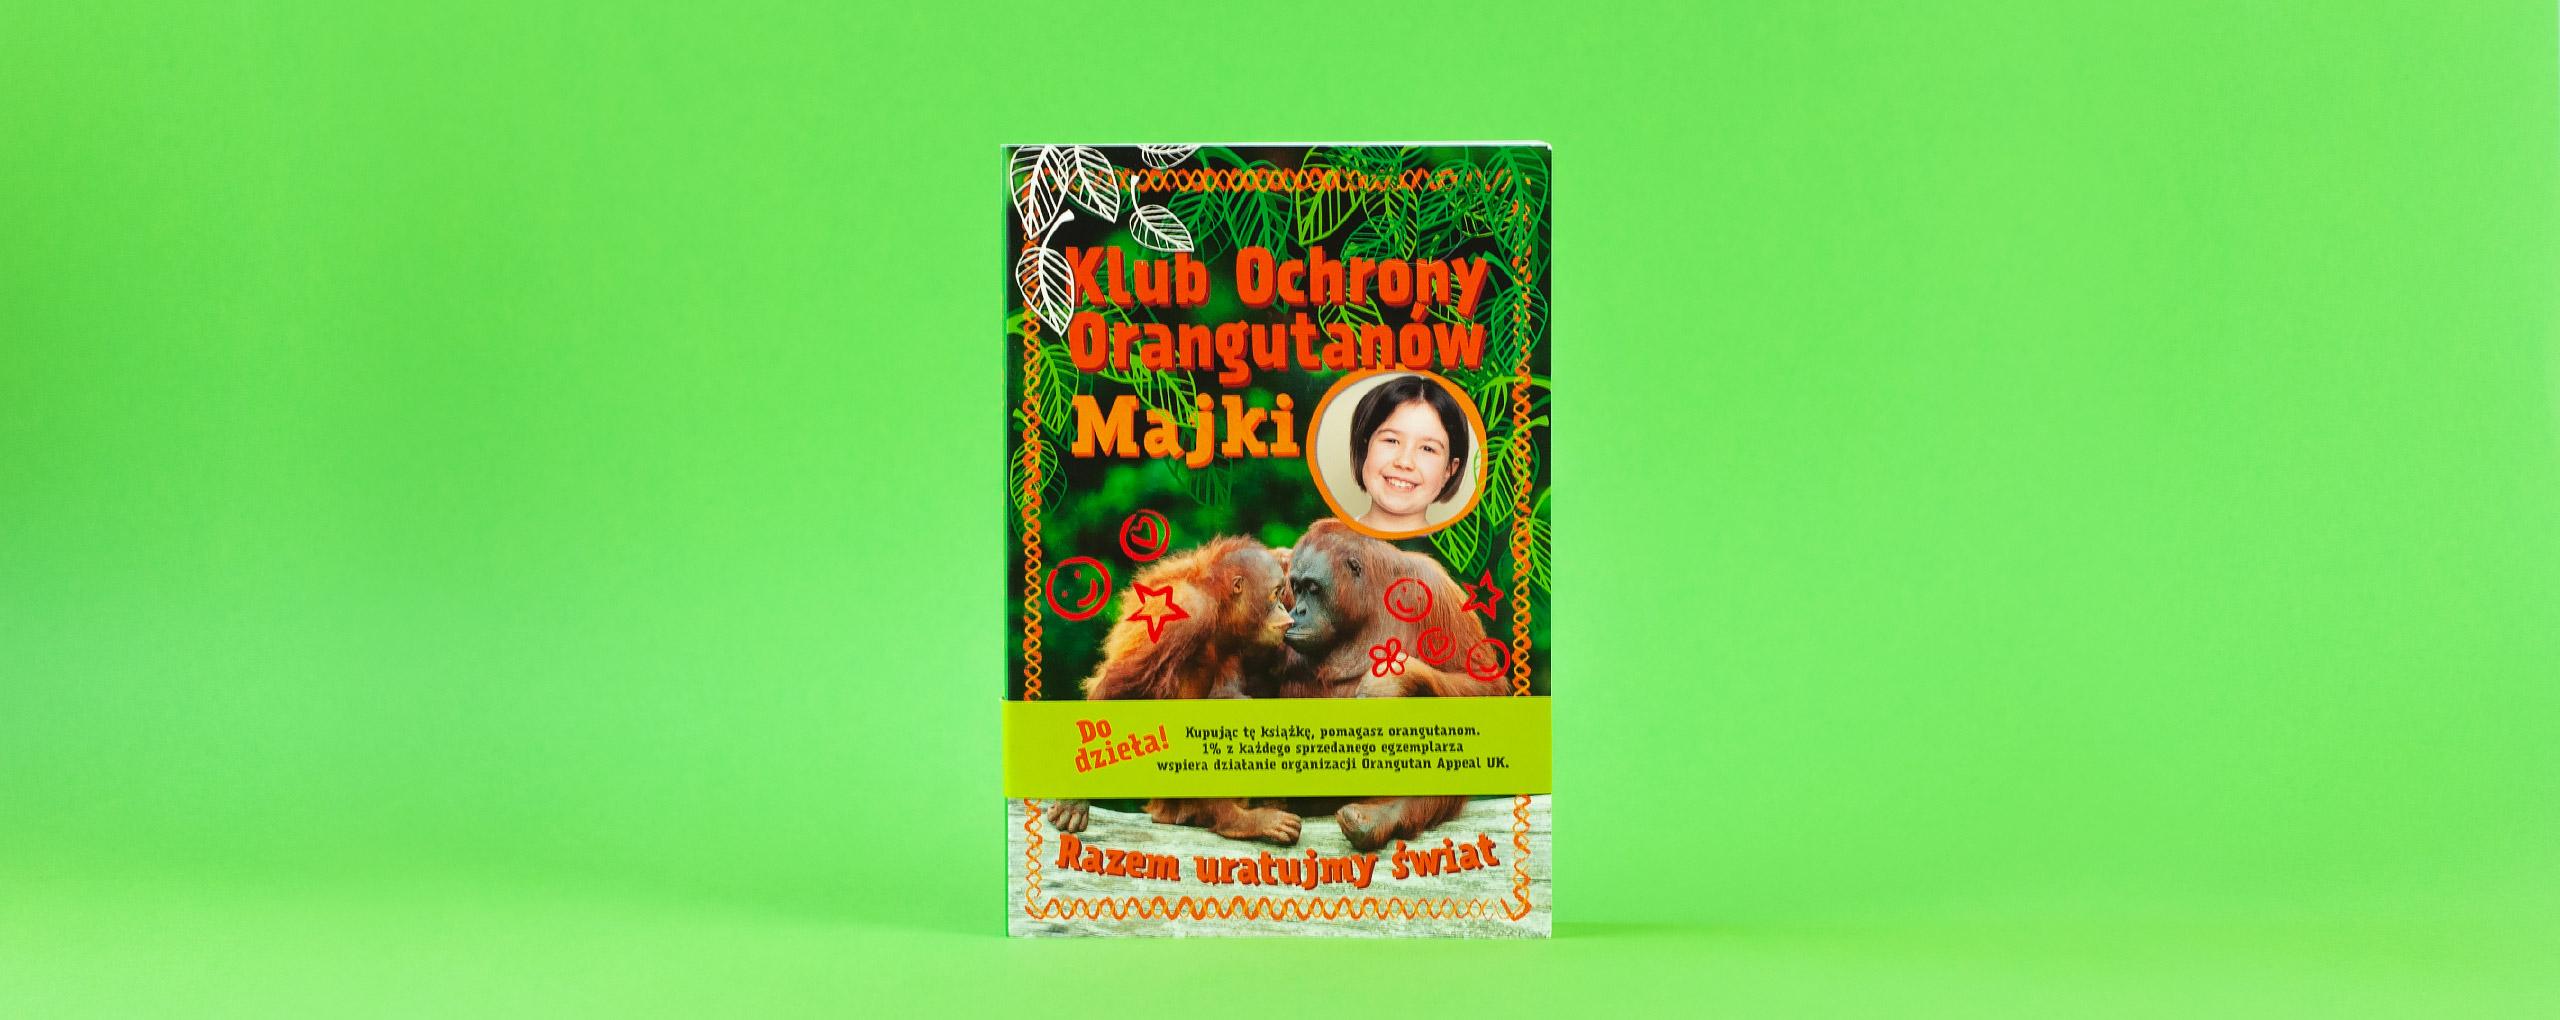 Klub ochrony orangutanow Majki